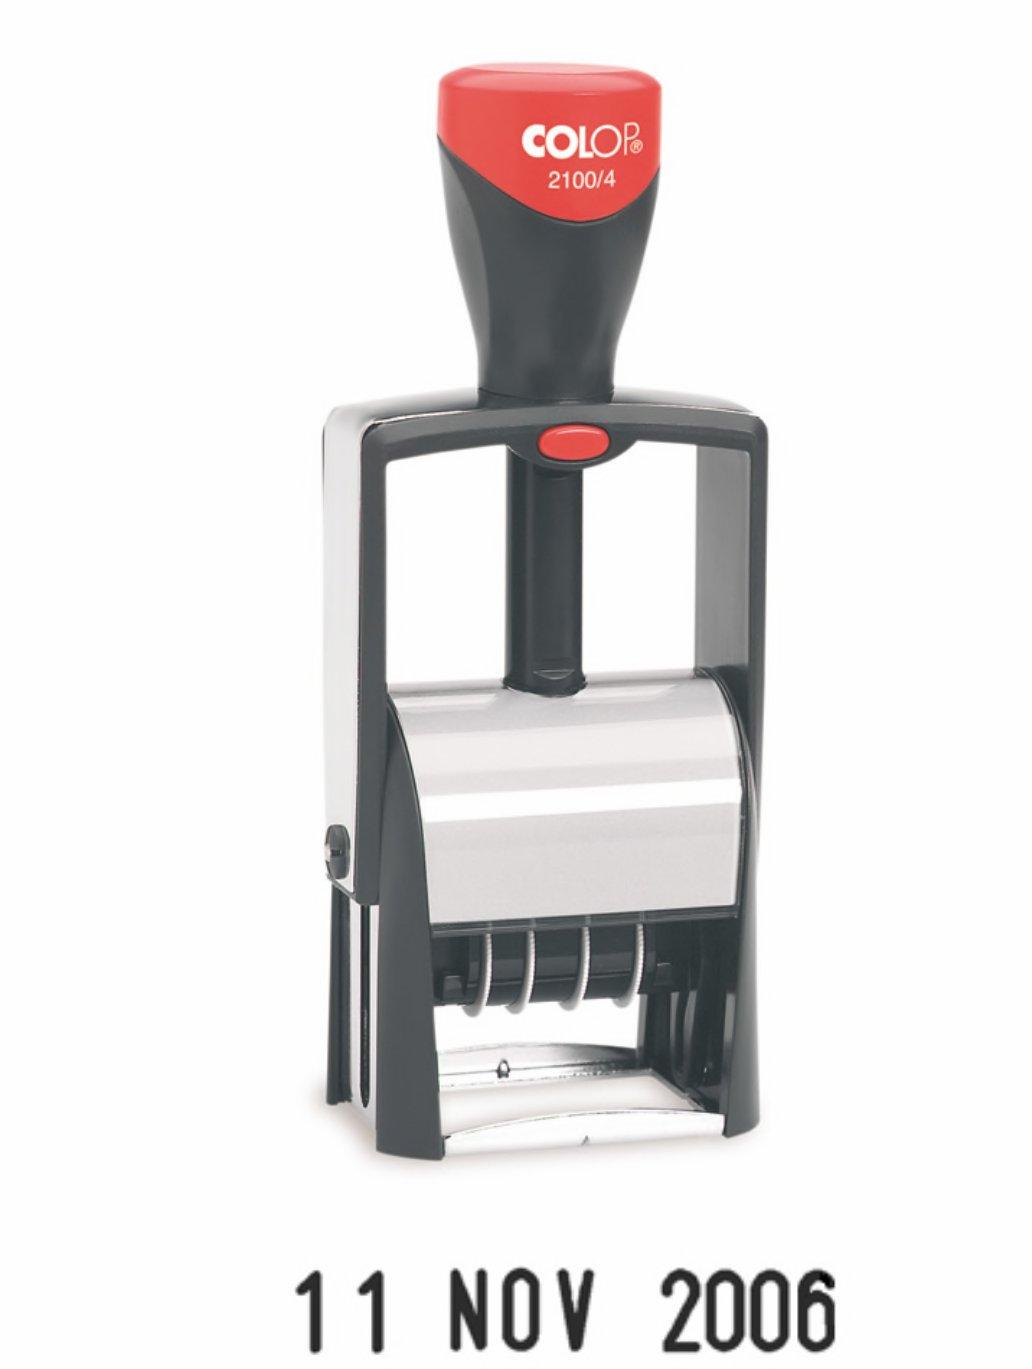 Colop 2100/4 Self-Inking Line Date Stamp Black | Medical Supermarket